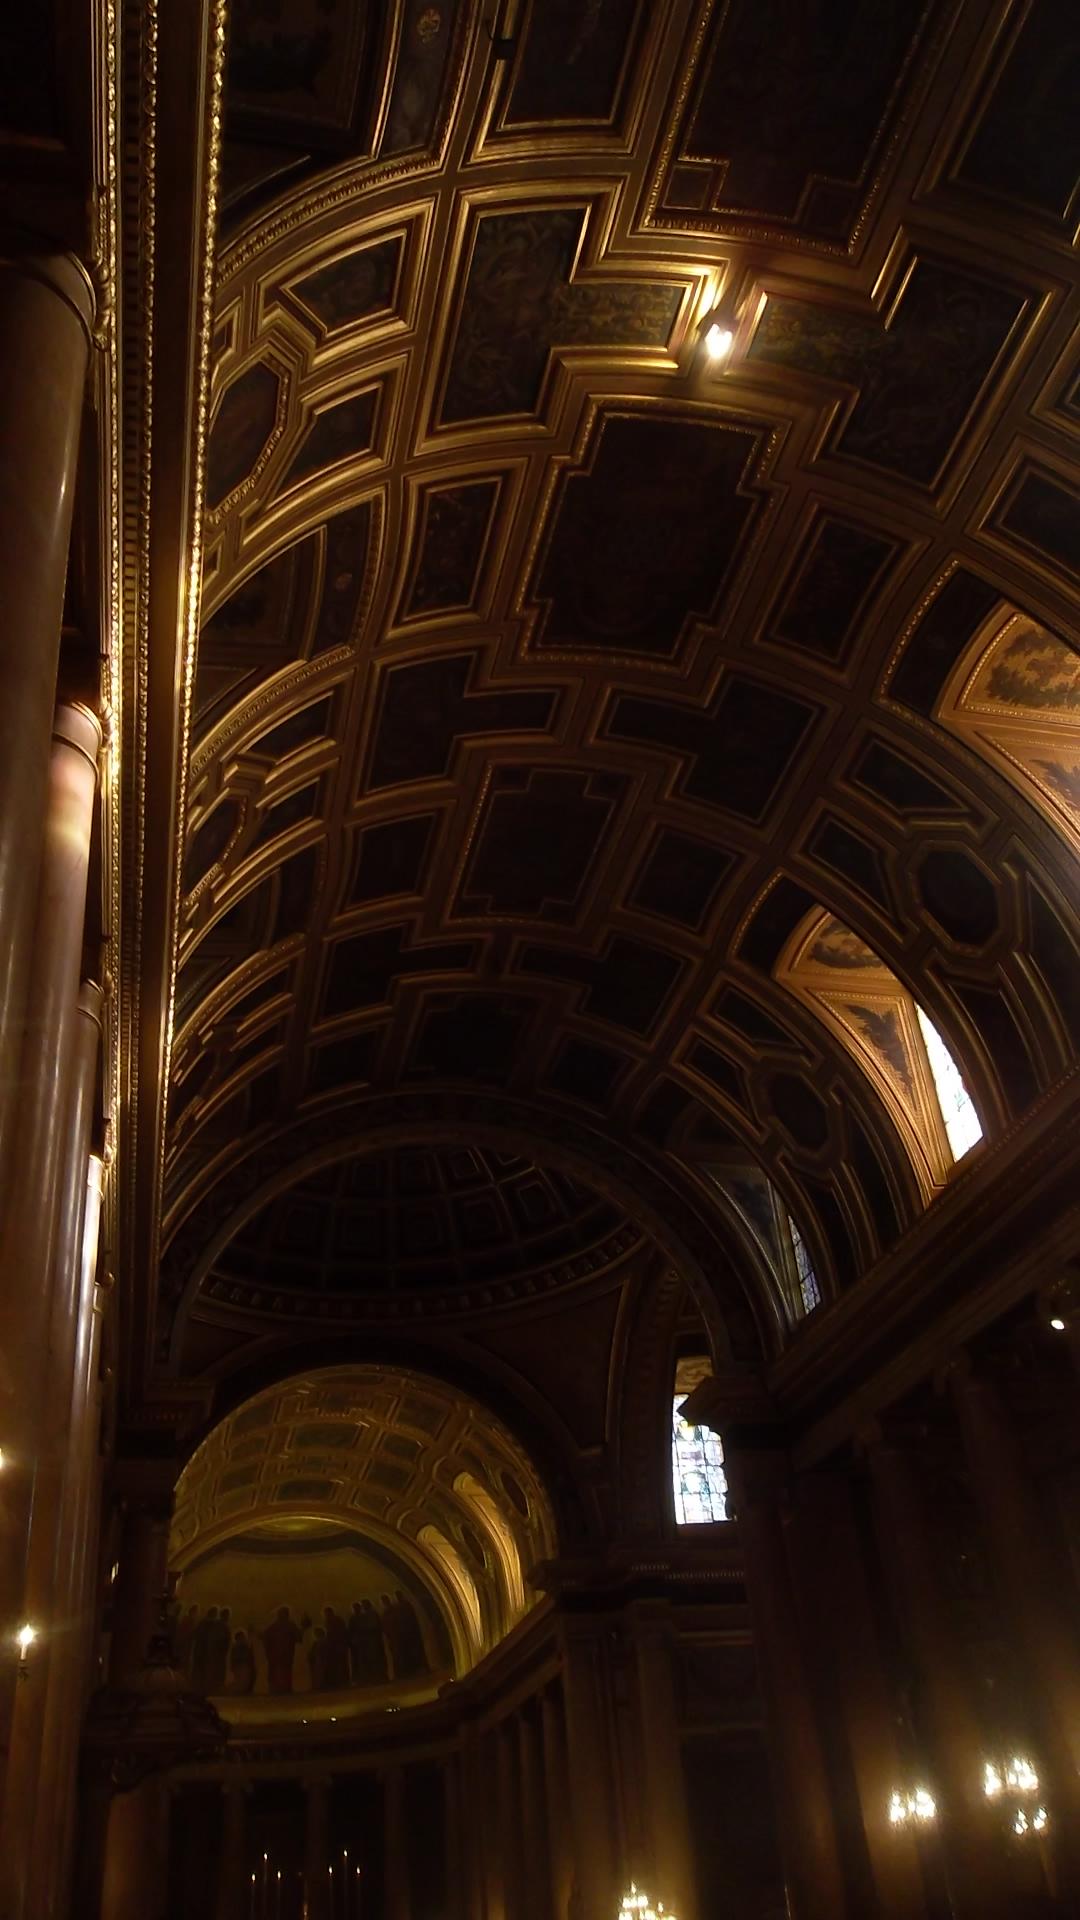 rennes-cat-st-pierre-ceilings-altar-dec13